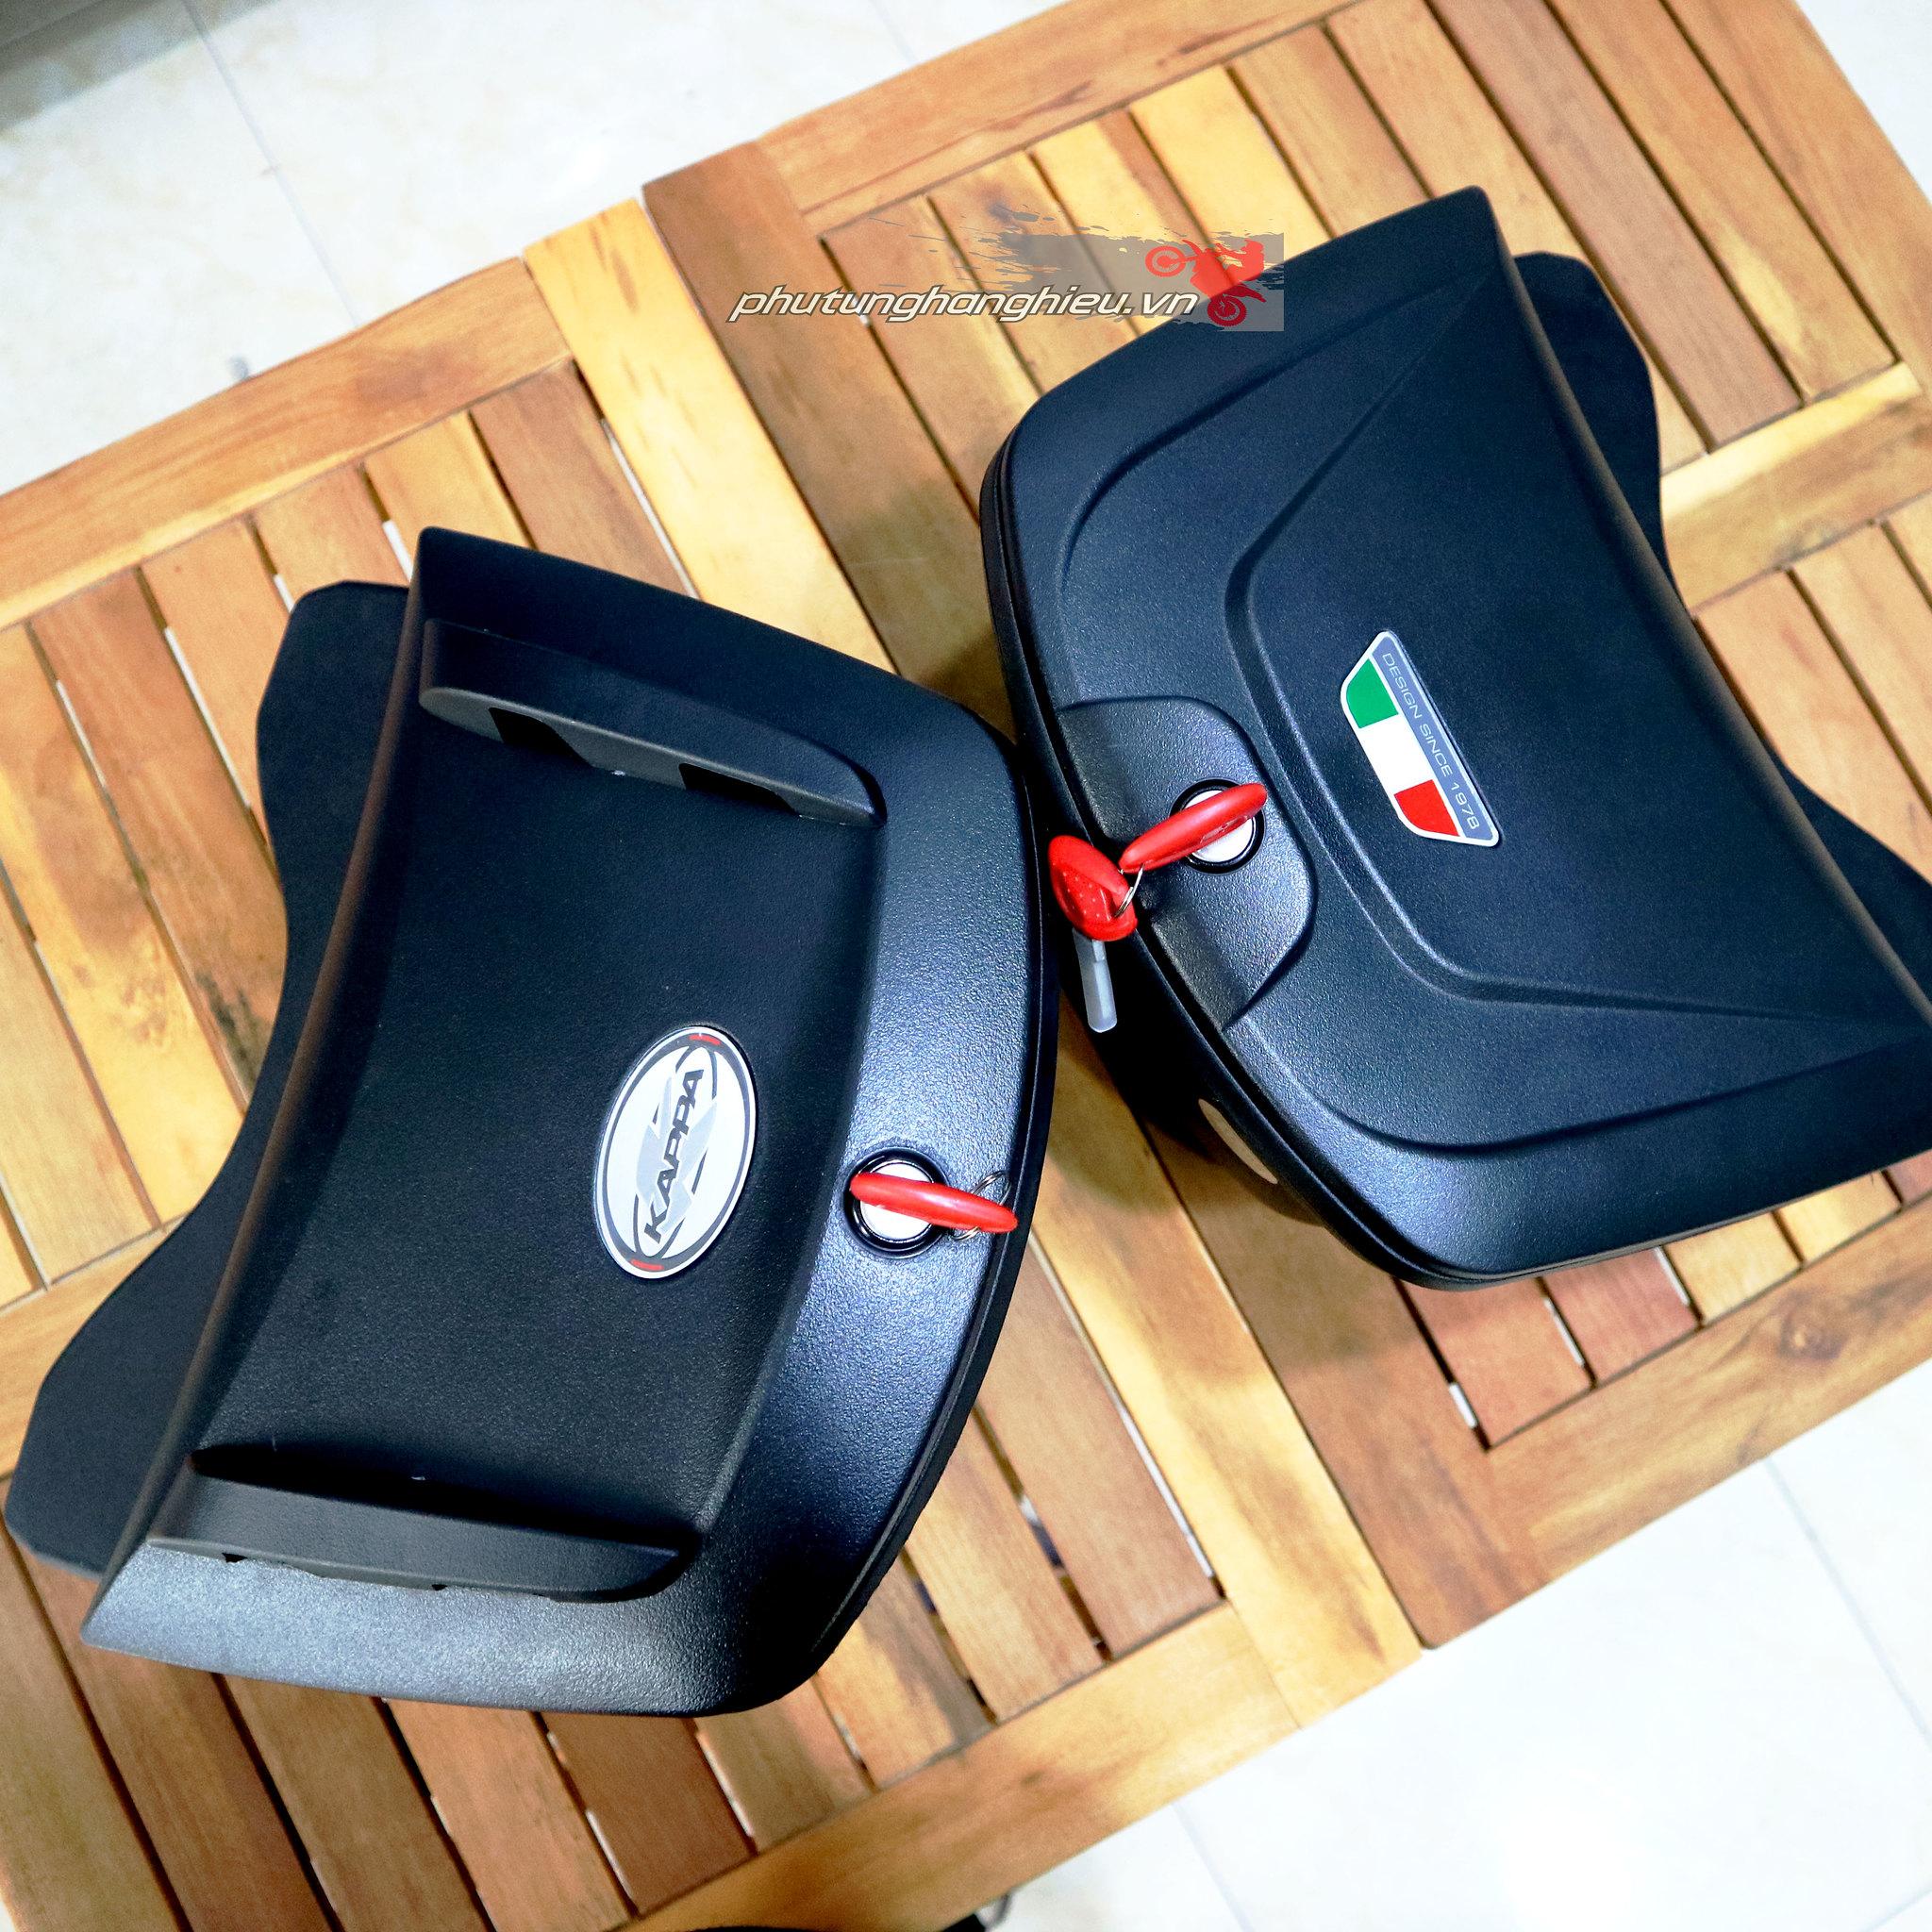 Thùng giữa Givi K10N và Givi G10N, thùng giữa cho xe máy, thùng giữa GiVi, phutunghanghieu.vn